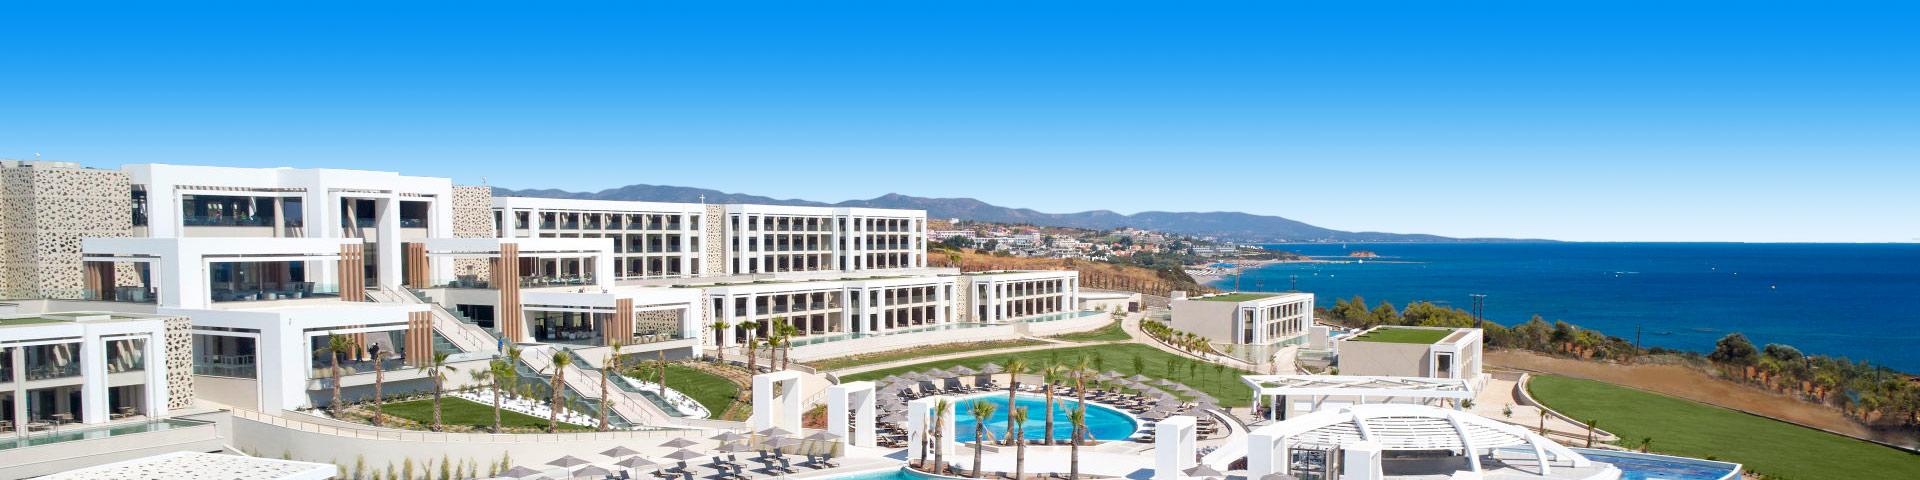 Luxe all inclusive resort met prachtig zwembad op het Griekse eiland Rhodos